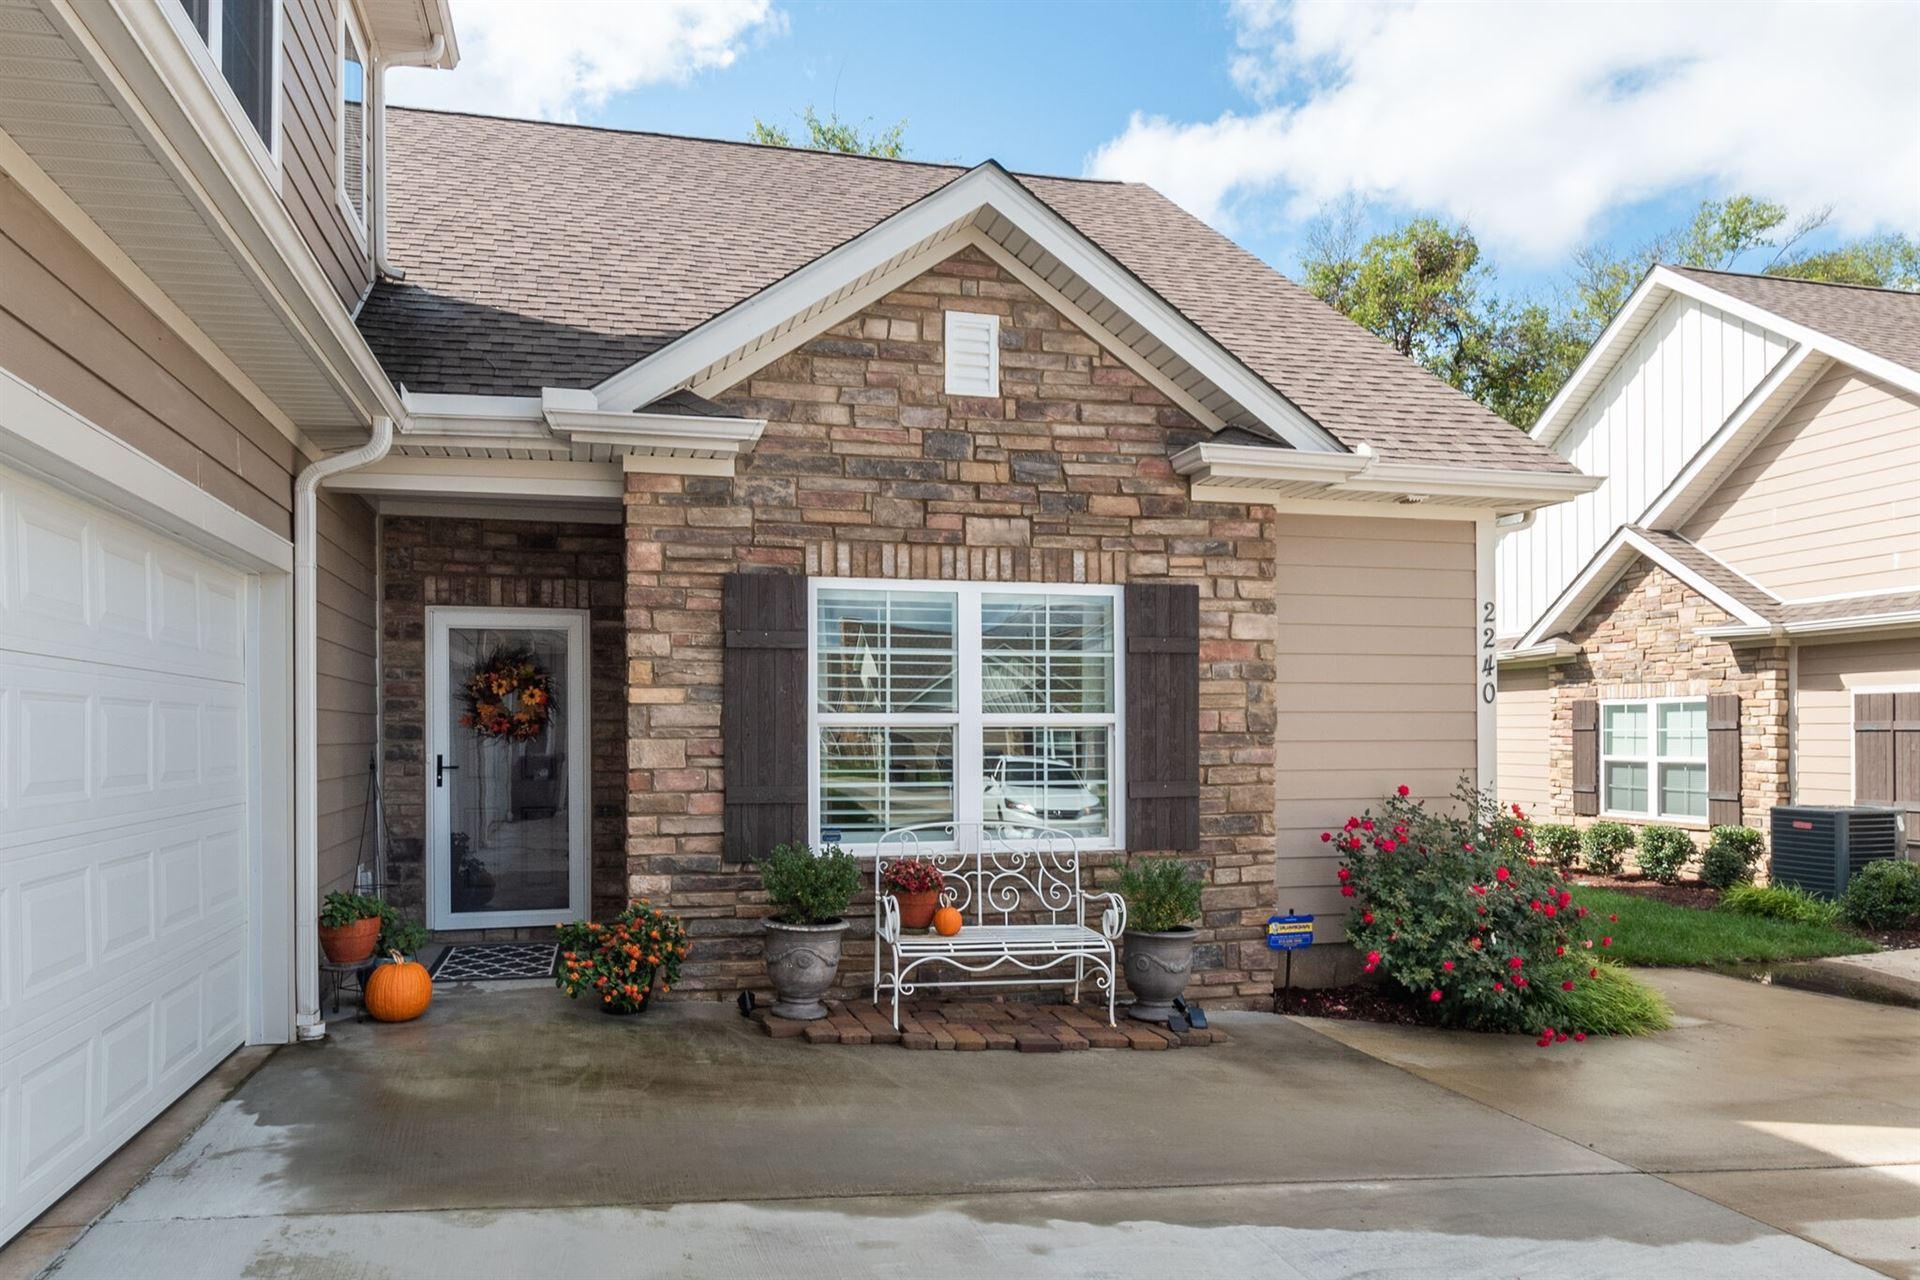 2240 Stonecenter Ln, Murfreesboro, TN 37128 - MLS#: 2298821